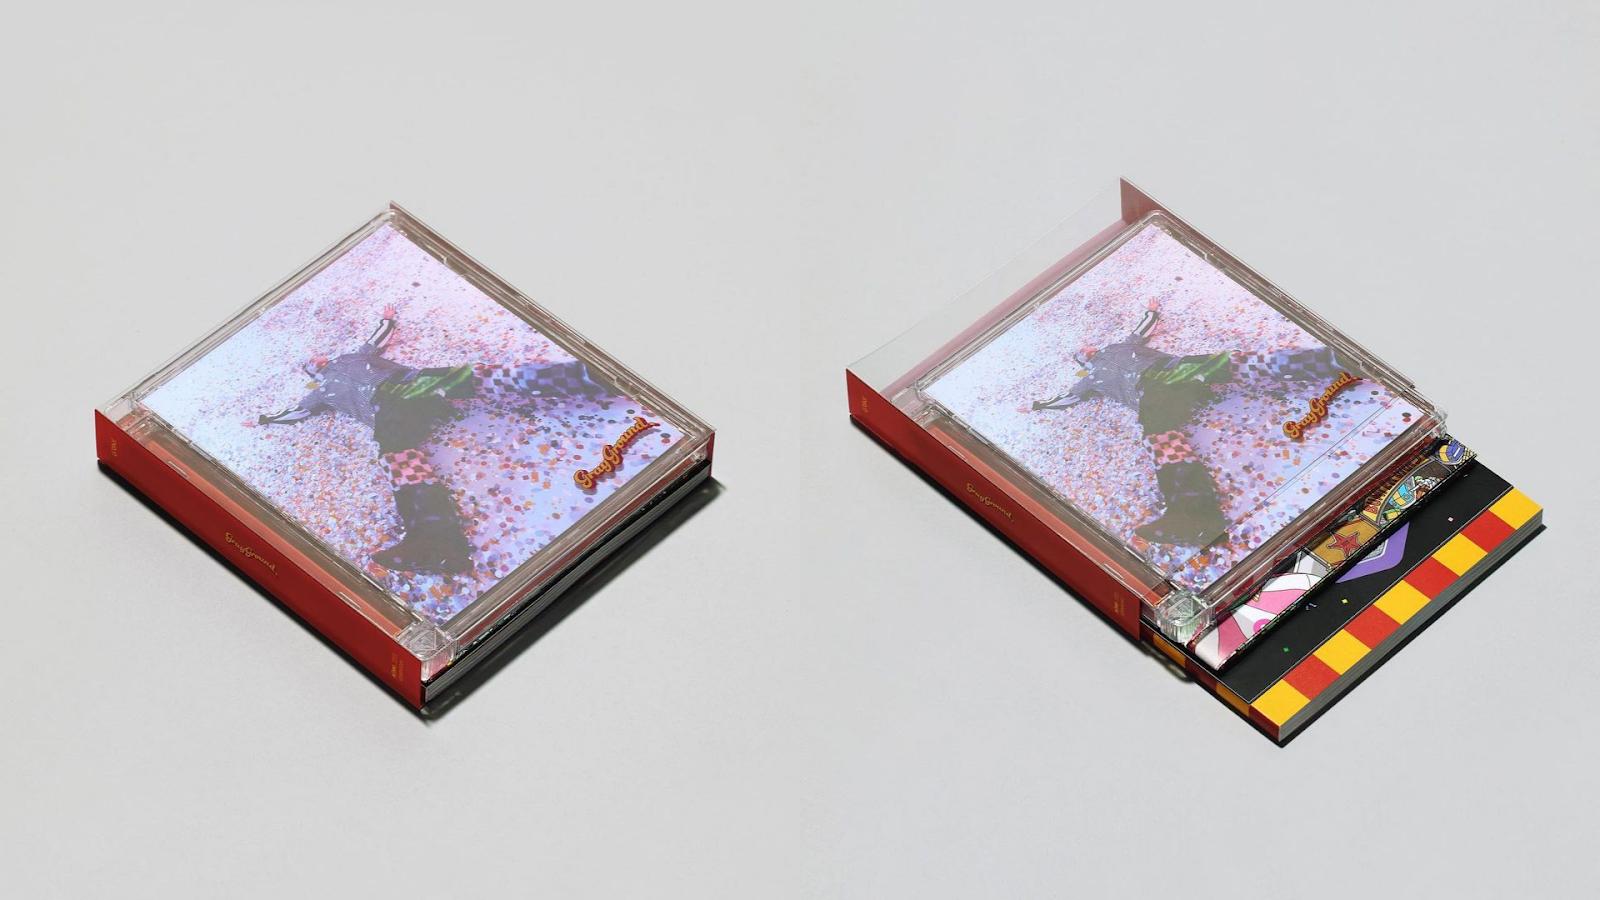 GRAY GRAYGROUND Physical album